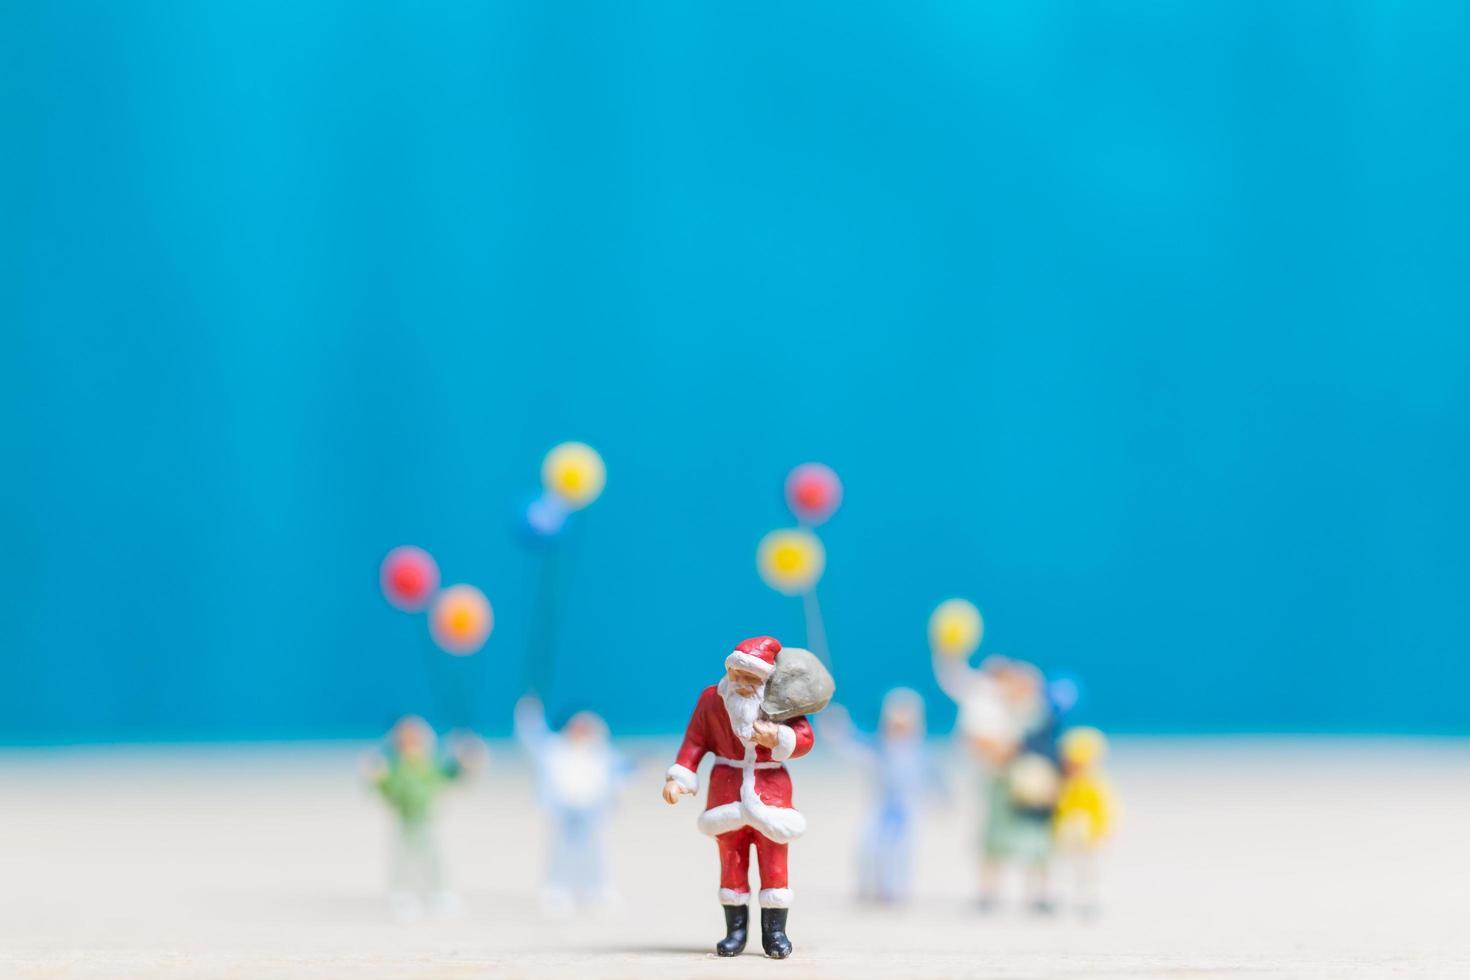 miniatyr Santa Claus och barn som rymmer ballonger, god jul och gott nytt år koncept foto